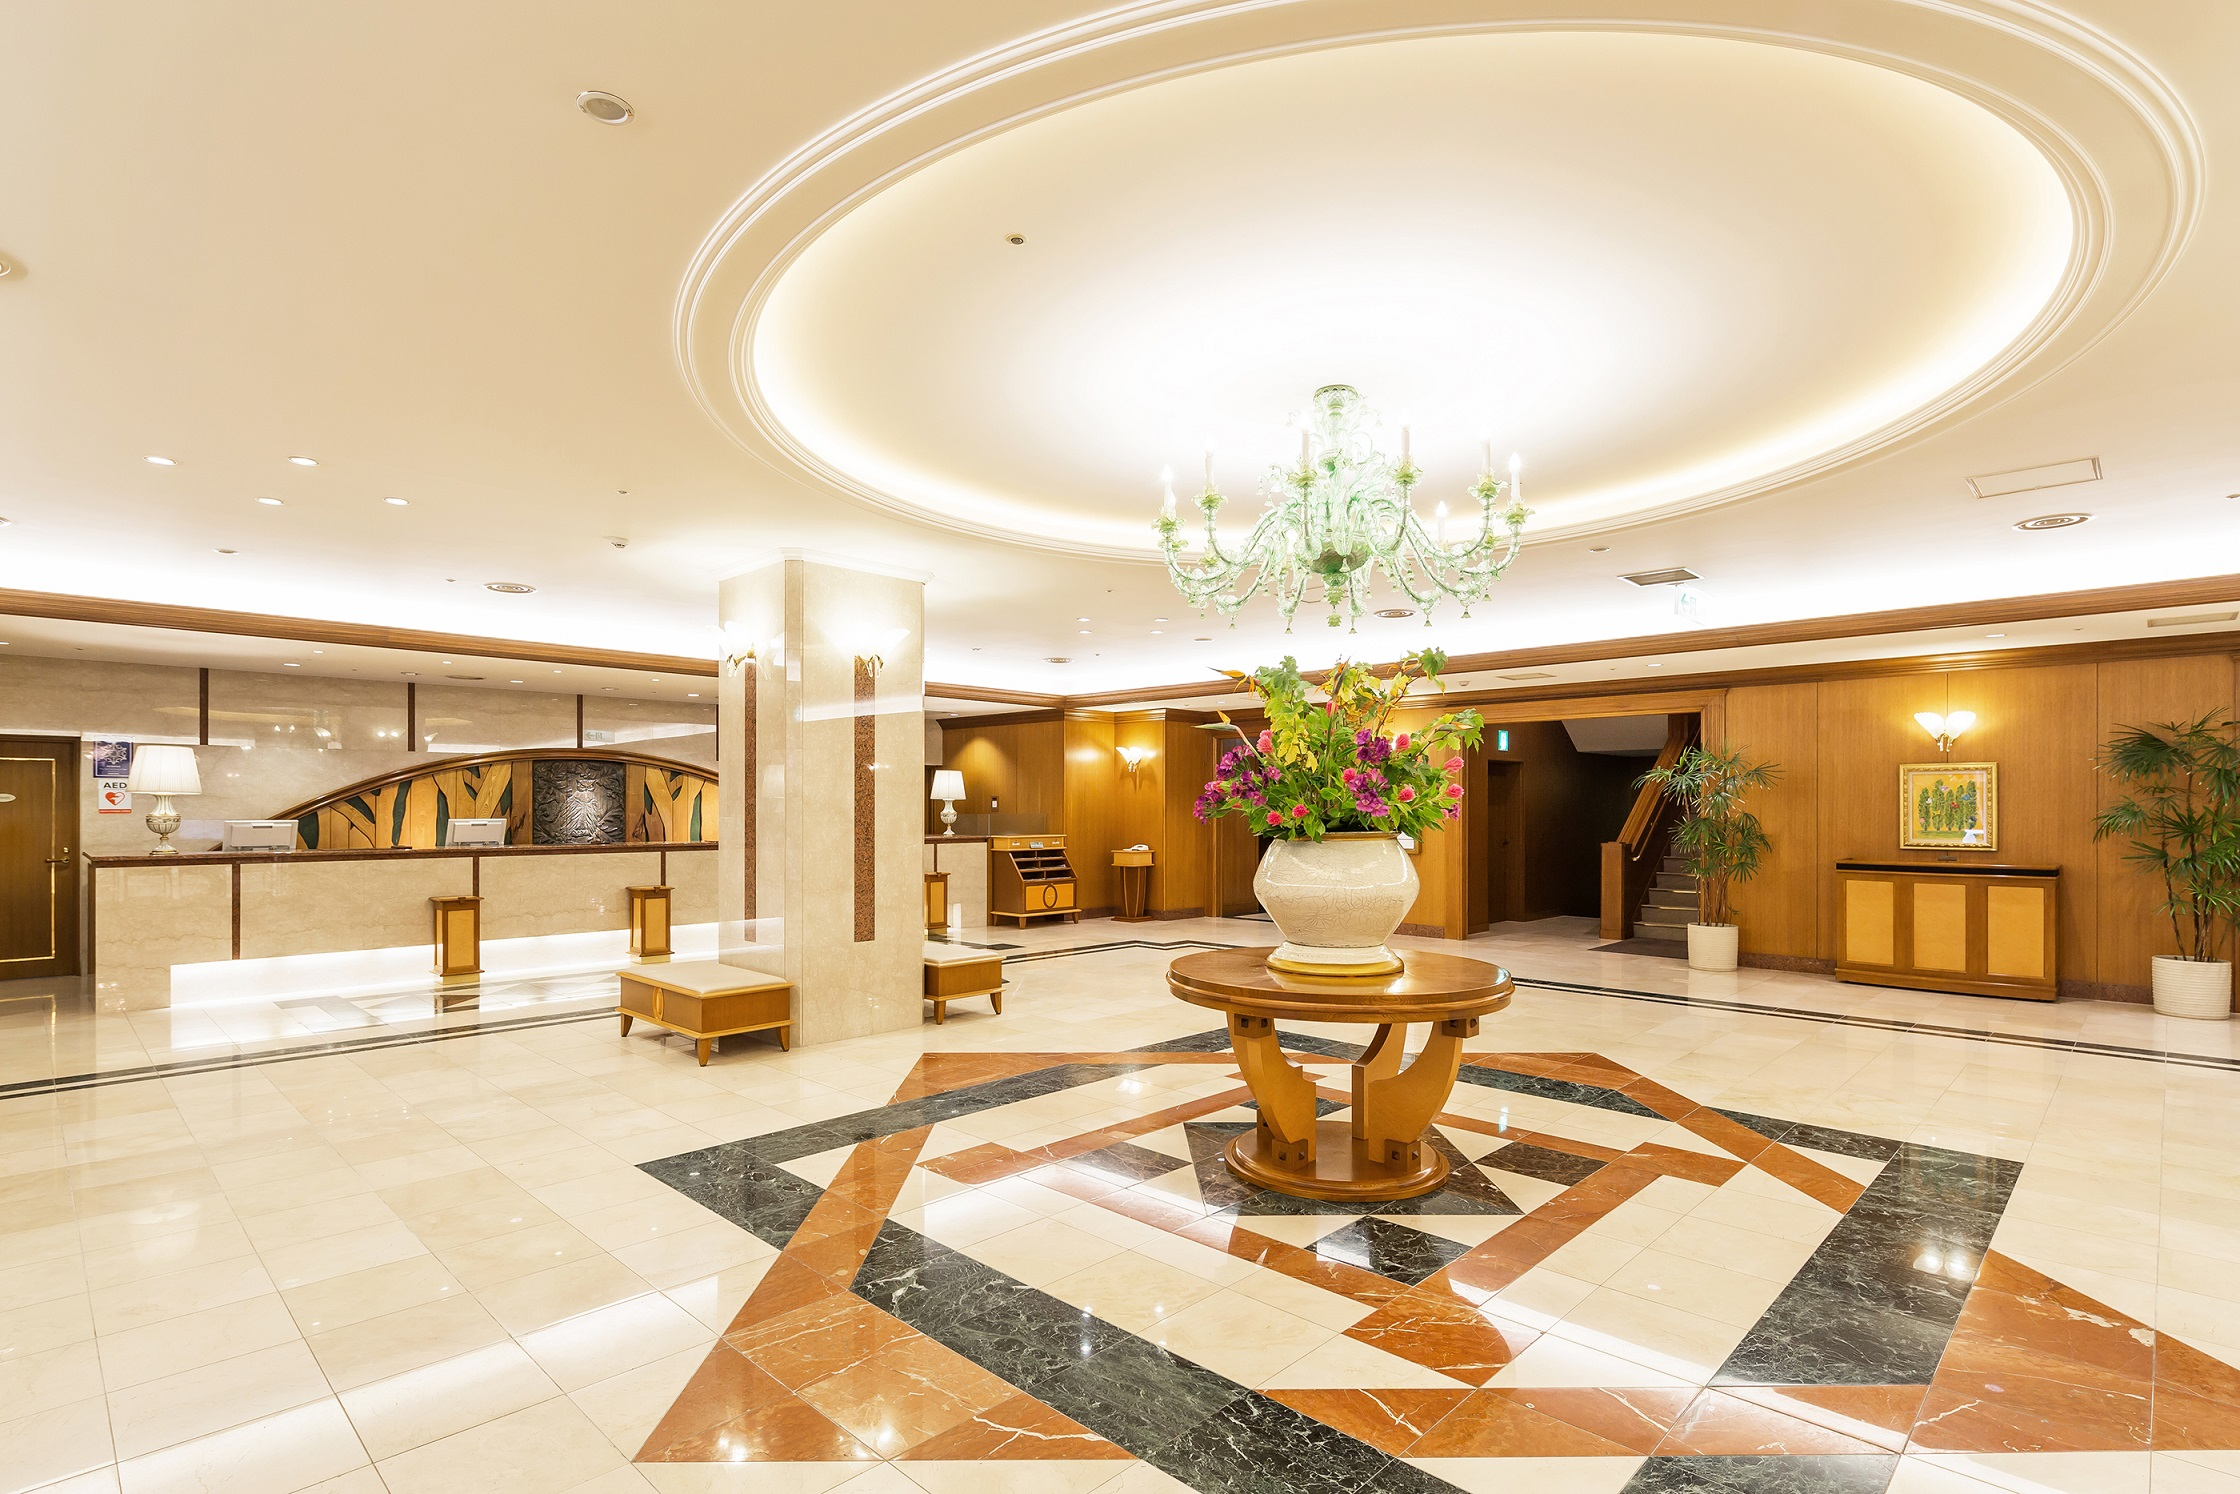 ホテルマイステイズ札幌アスペン / 【航空券付き宿泊プラン】ホテルマイステイズ札幌アスペン